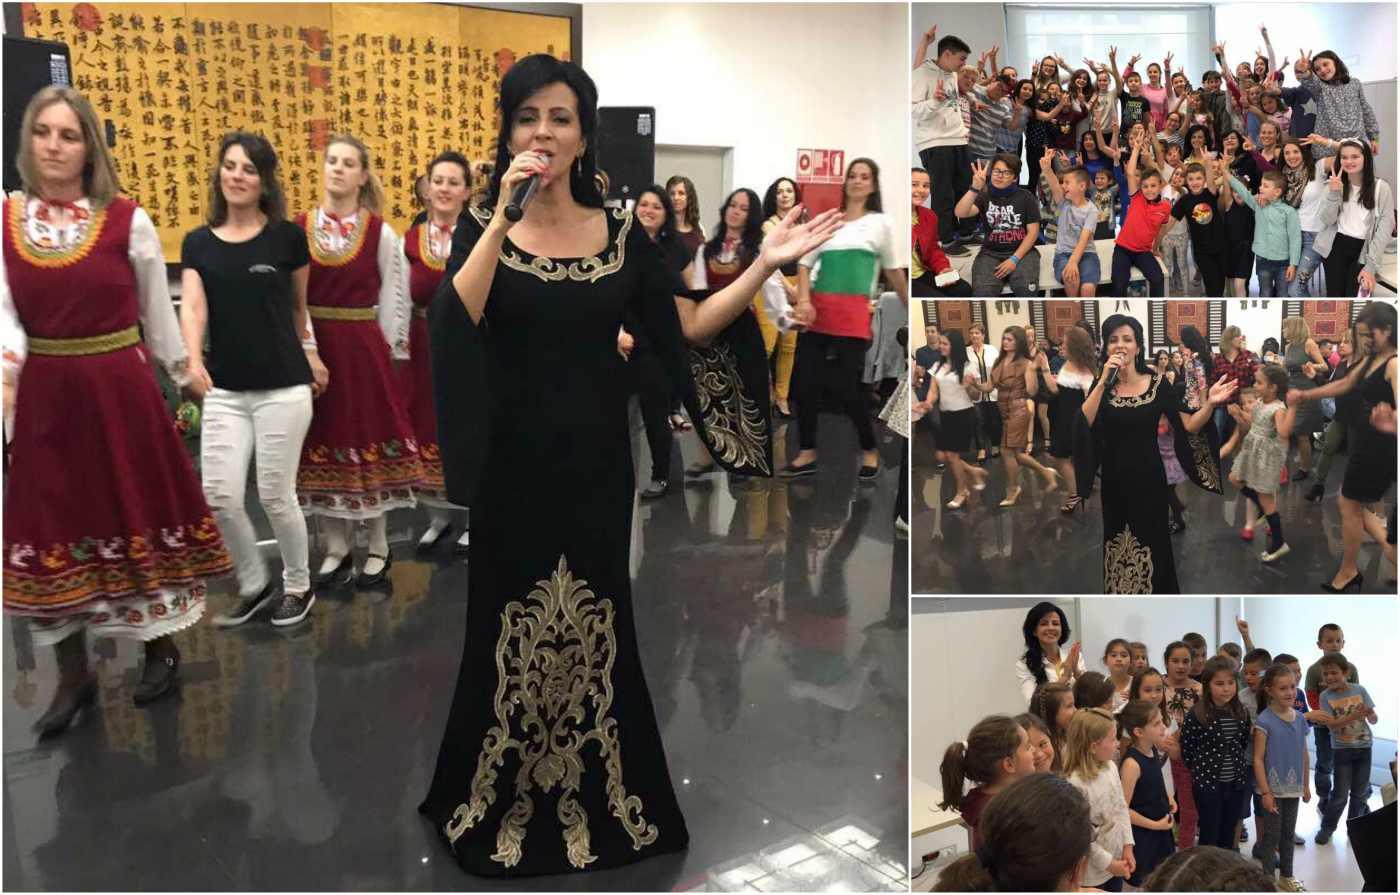 Росица Пейчева пренесе българския дух в Памплона